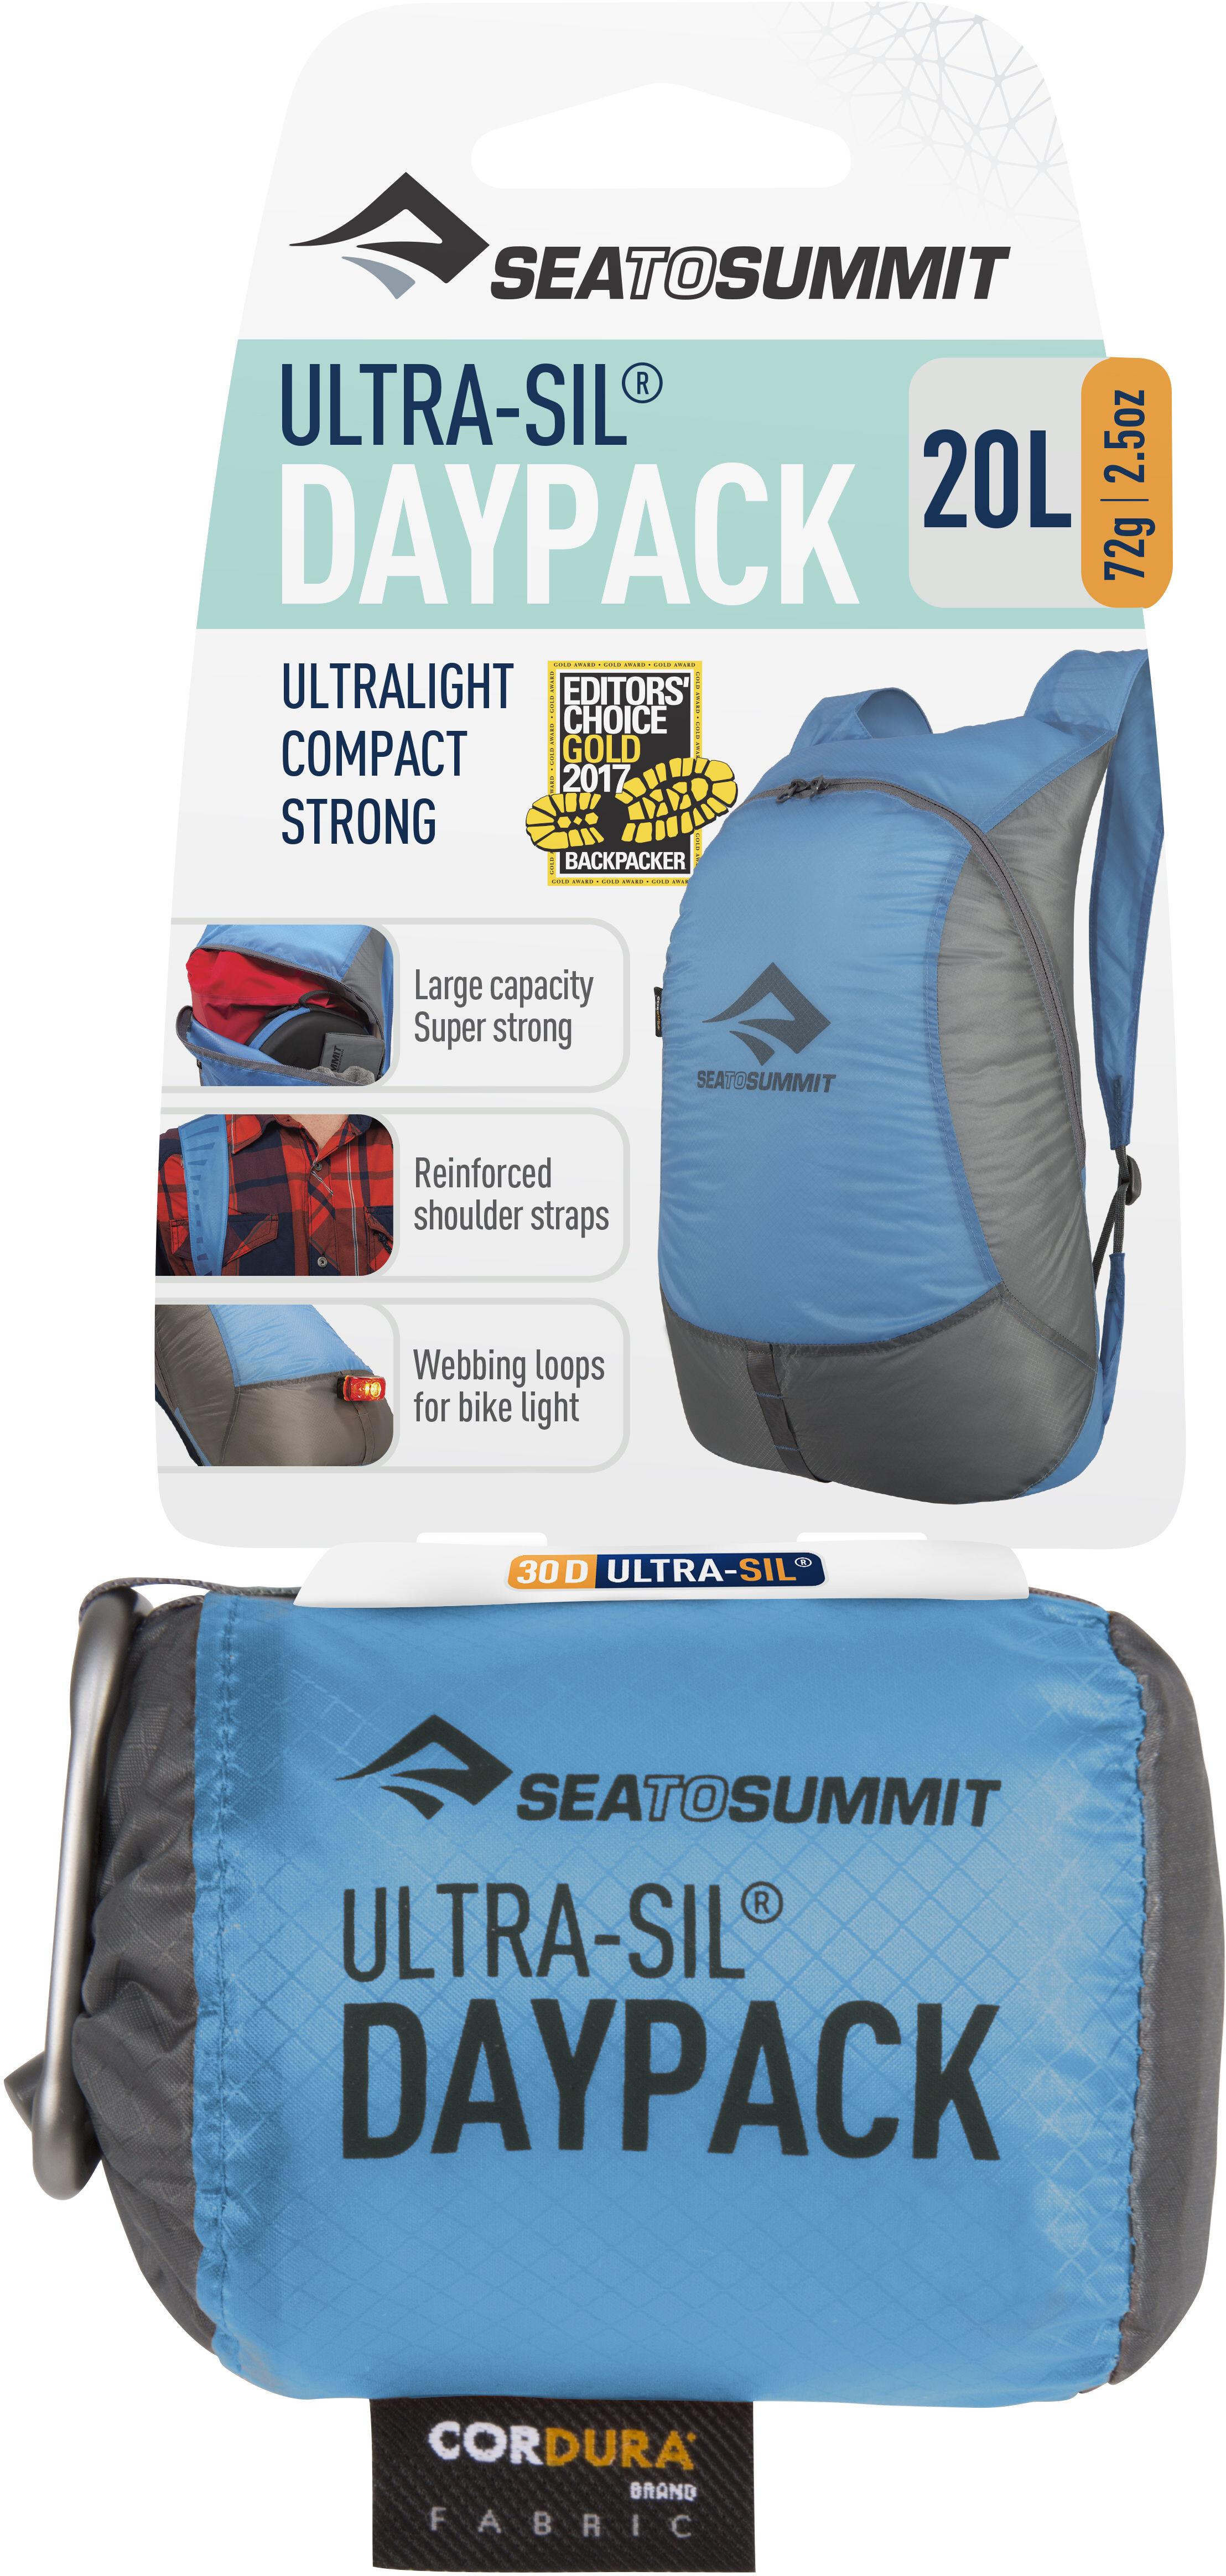 Sea to Summit Ultra-SIL